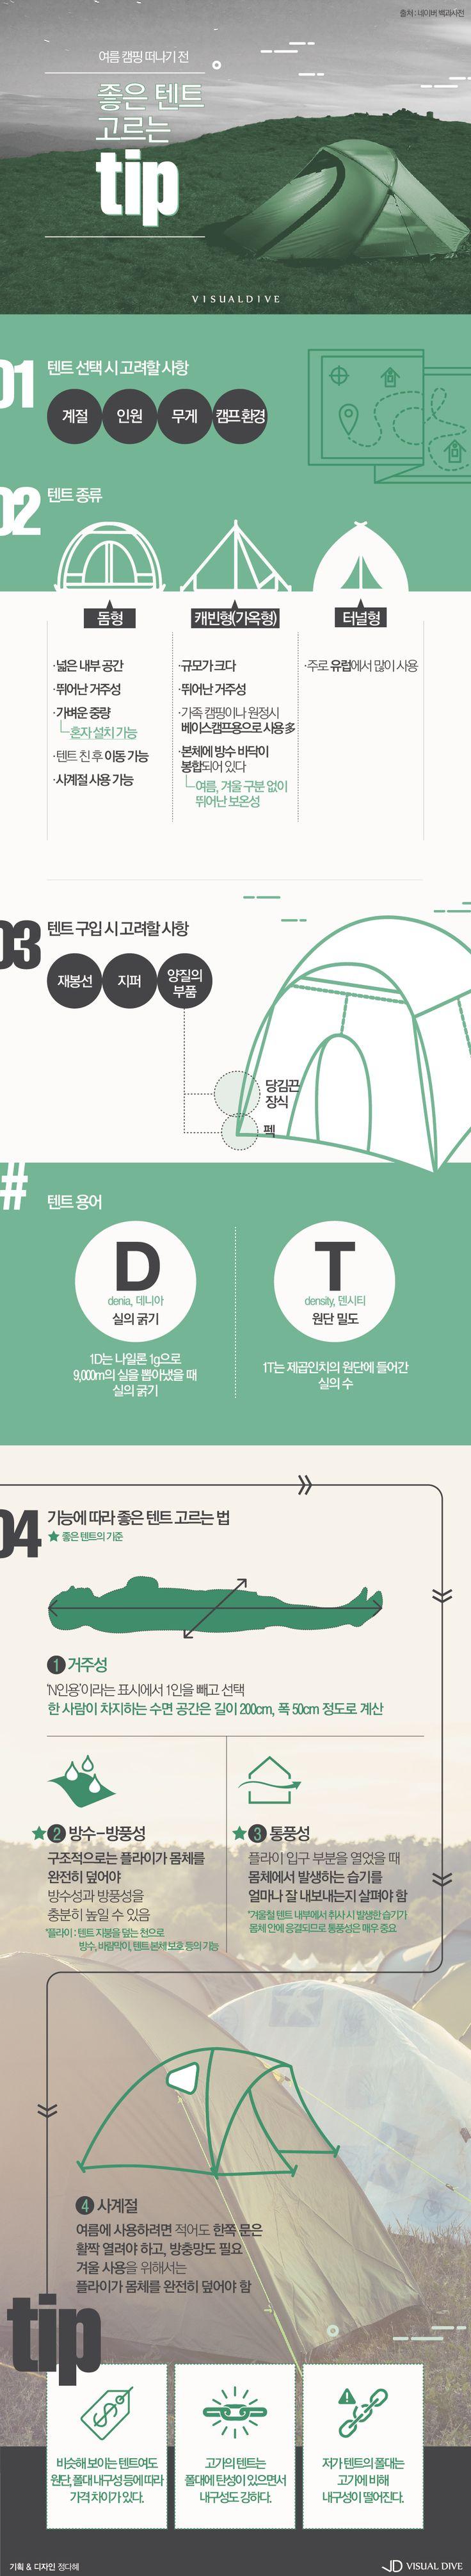 '캠핑의 계절' 여름, 초보 캠핑족을 위한 텐트 고르기TIP [인포그래픽] #tent / #Infographic ⓒ 비주얼다이브 무단 복사·전재·재배포 금지